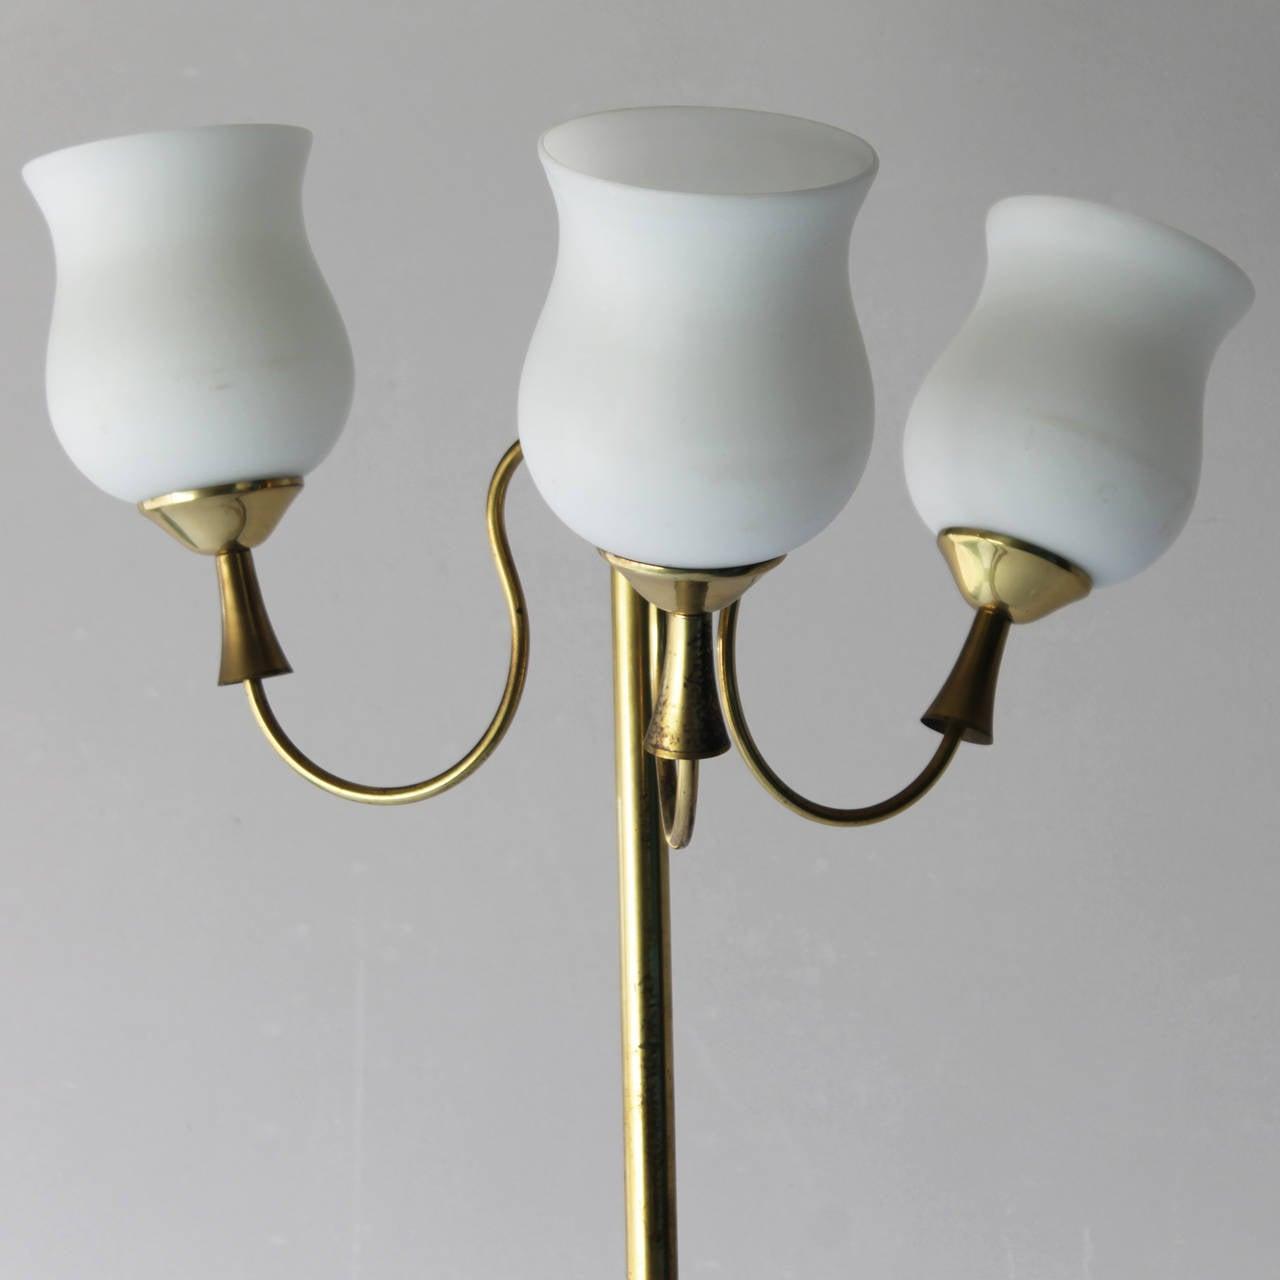 Elegant italian floor lamp by arredoluce for sale at 1stdibs for Arredo luce